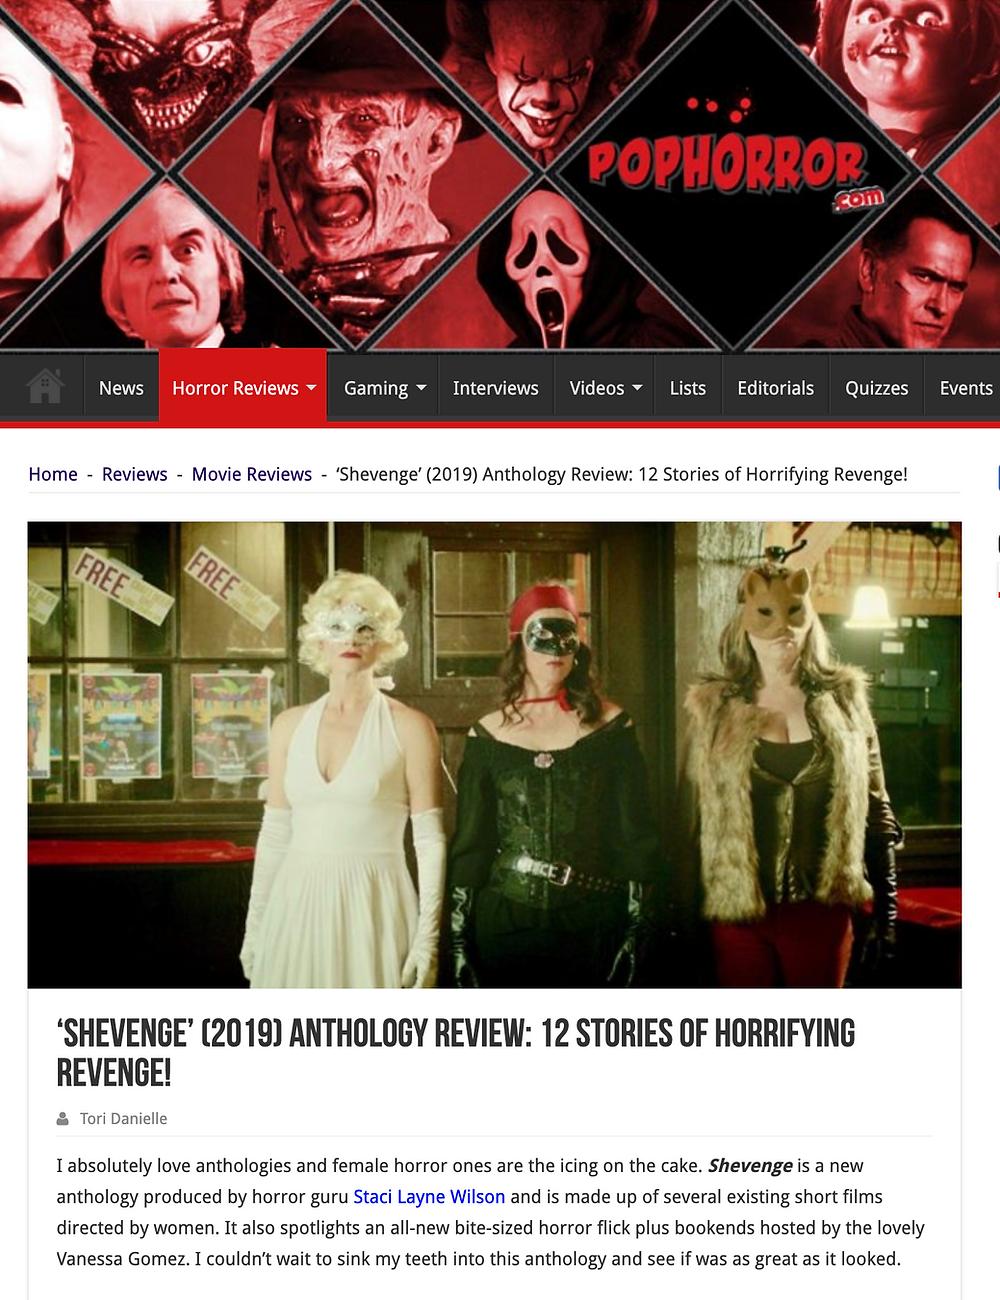 pophorror.com shevenge review